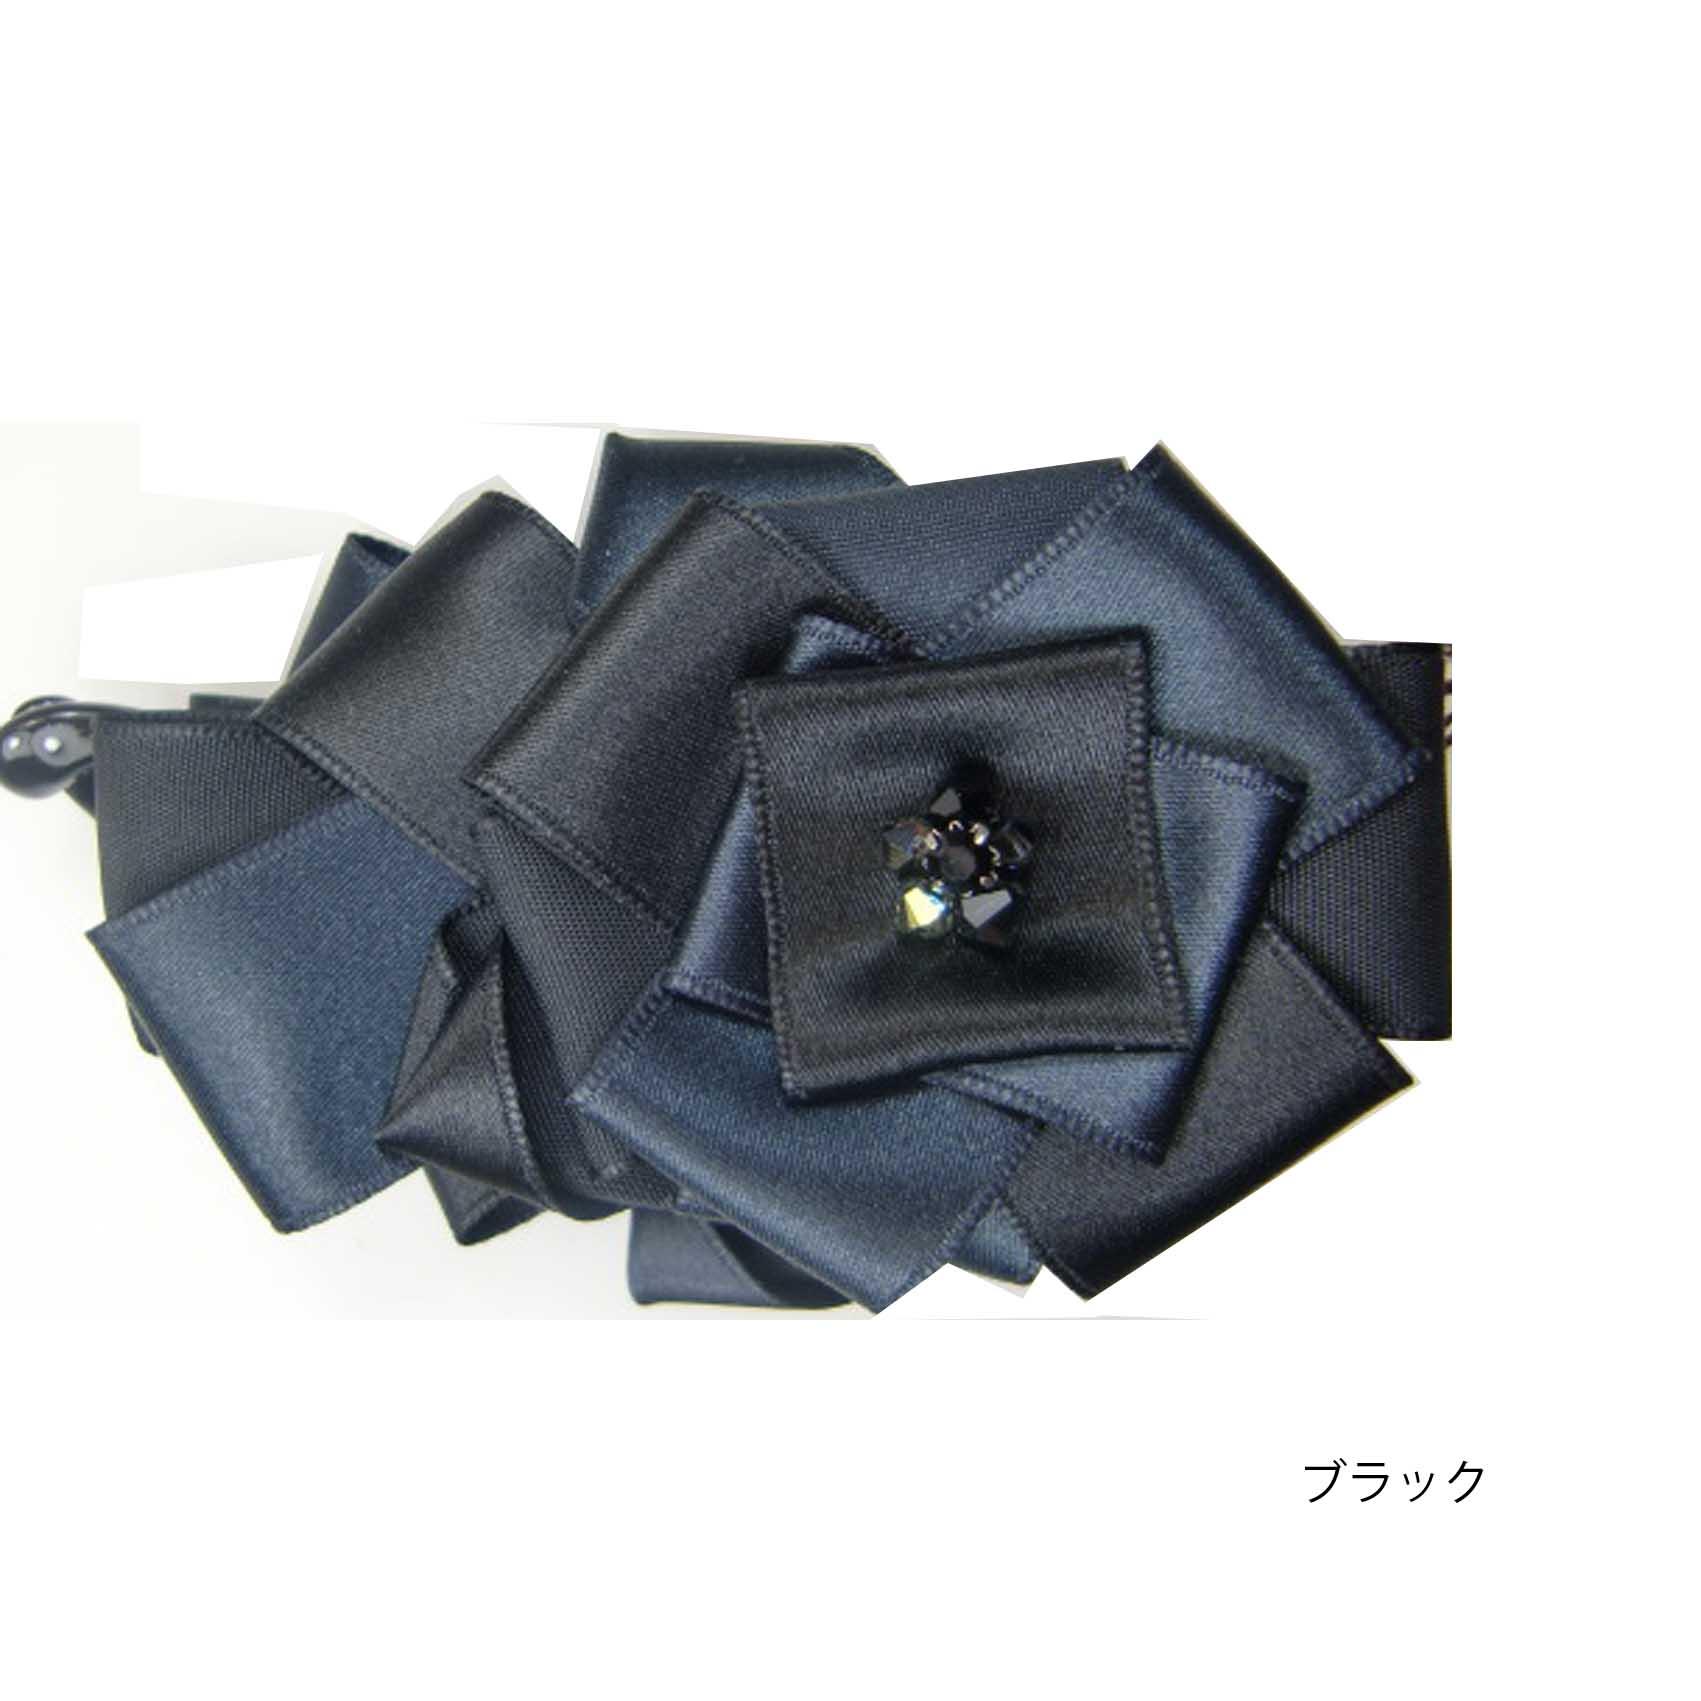 【セール品】レーヌ・クロード ファソナージュ バナナクリップ 品番157041